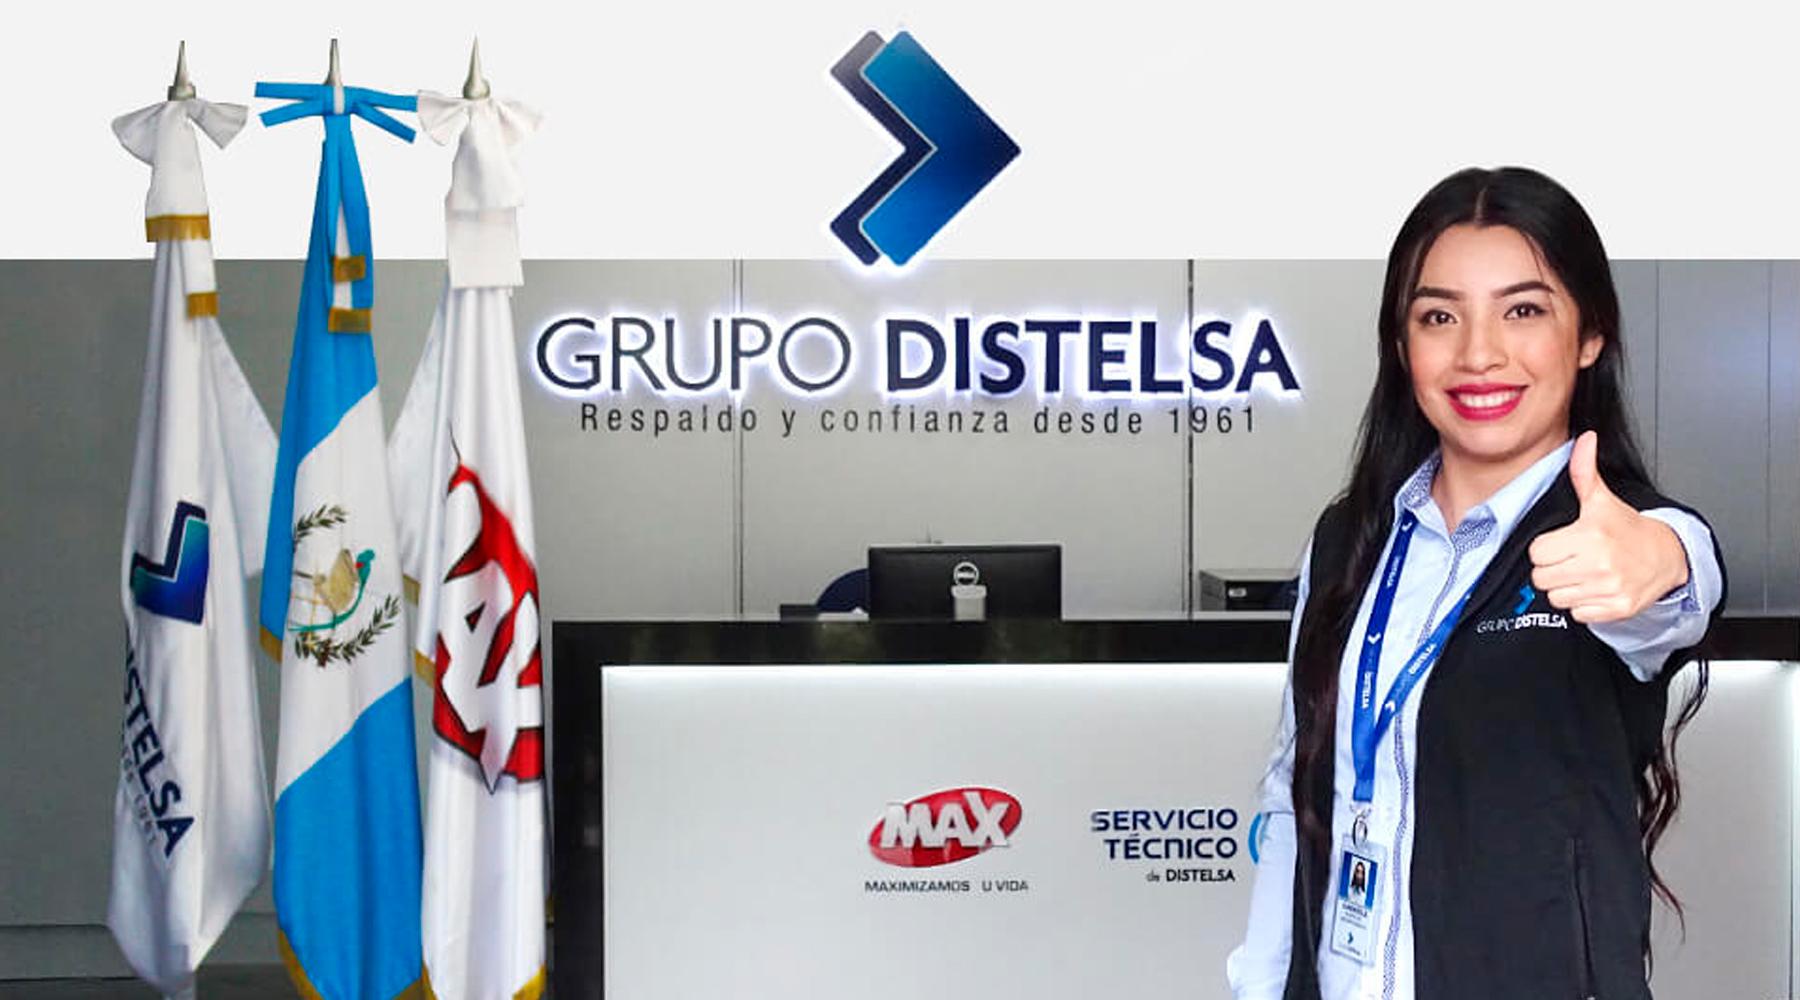 Trabajos en Grupo Distelsa por El Aplicante